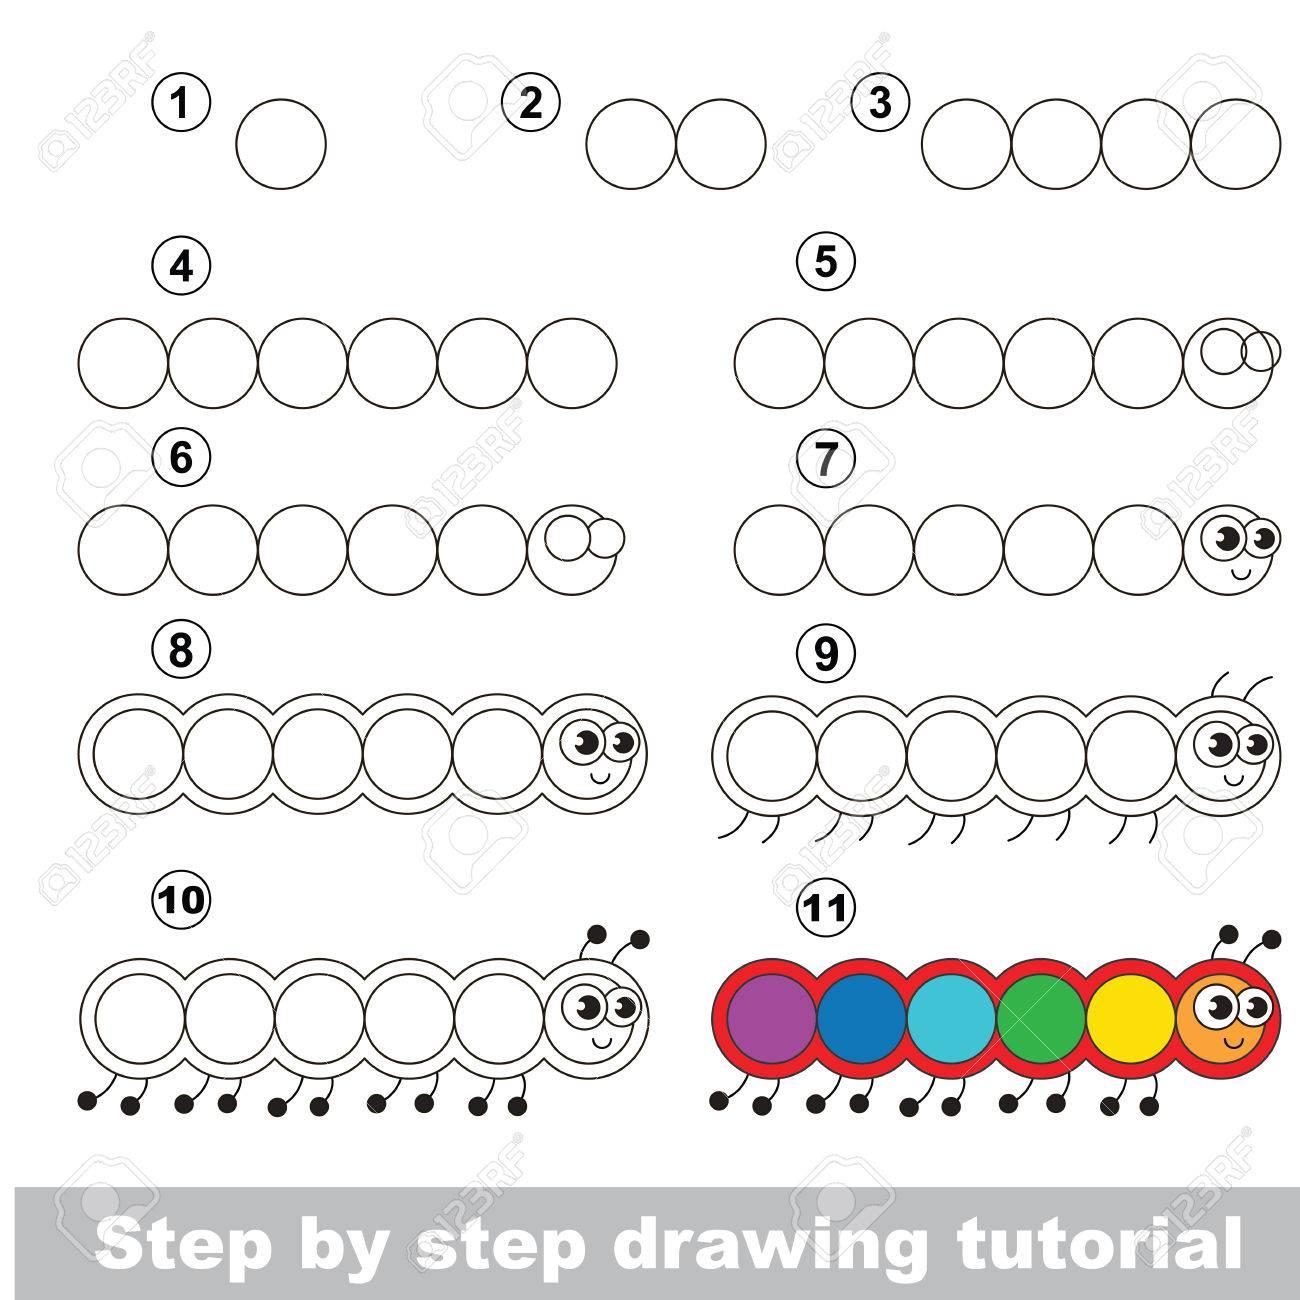 Vettoriale Educazione E Giochi Per Bambini Il Tutorial Di Disegno